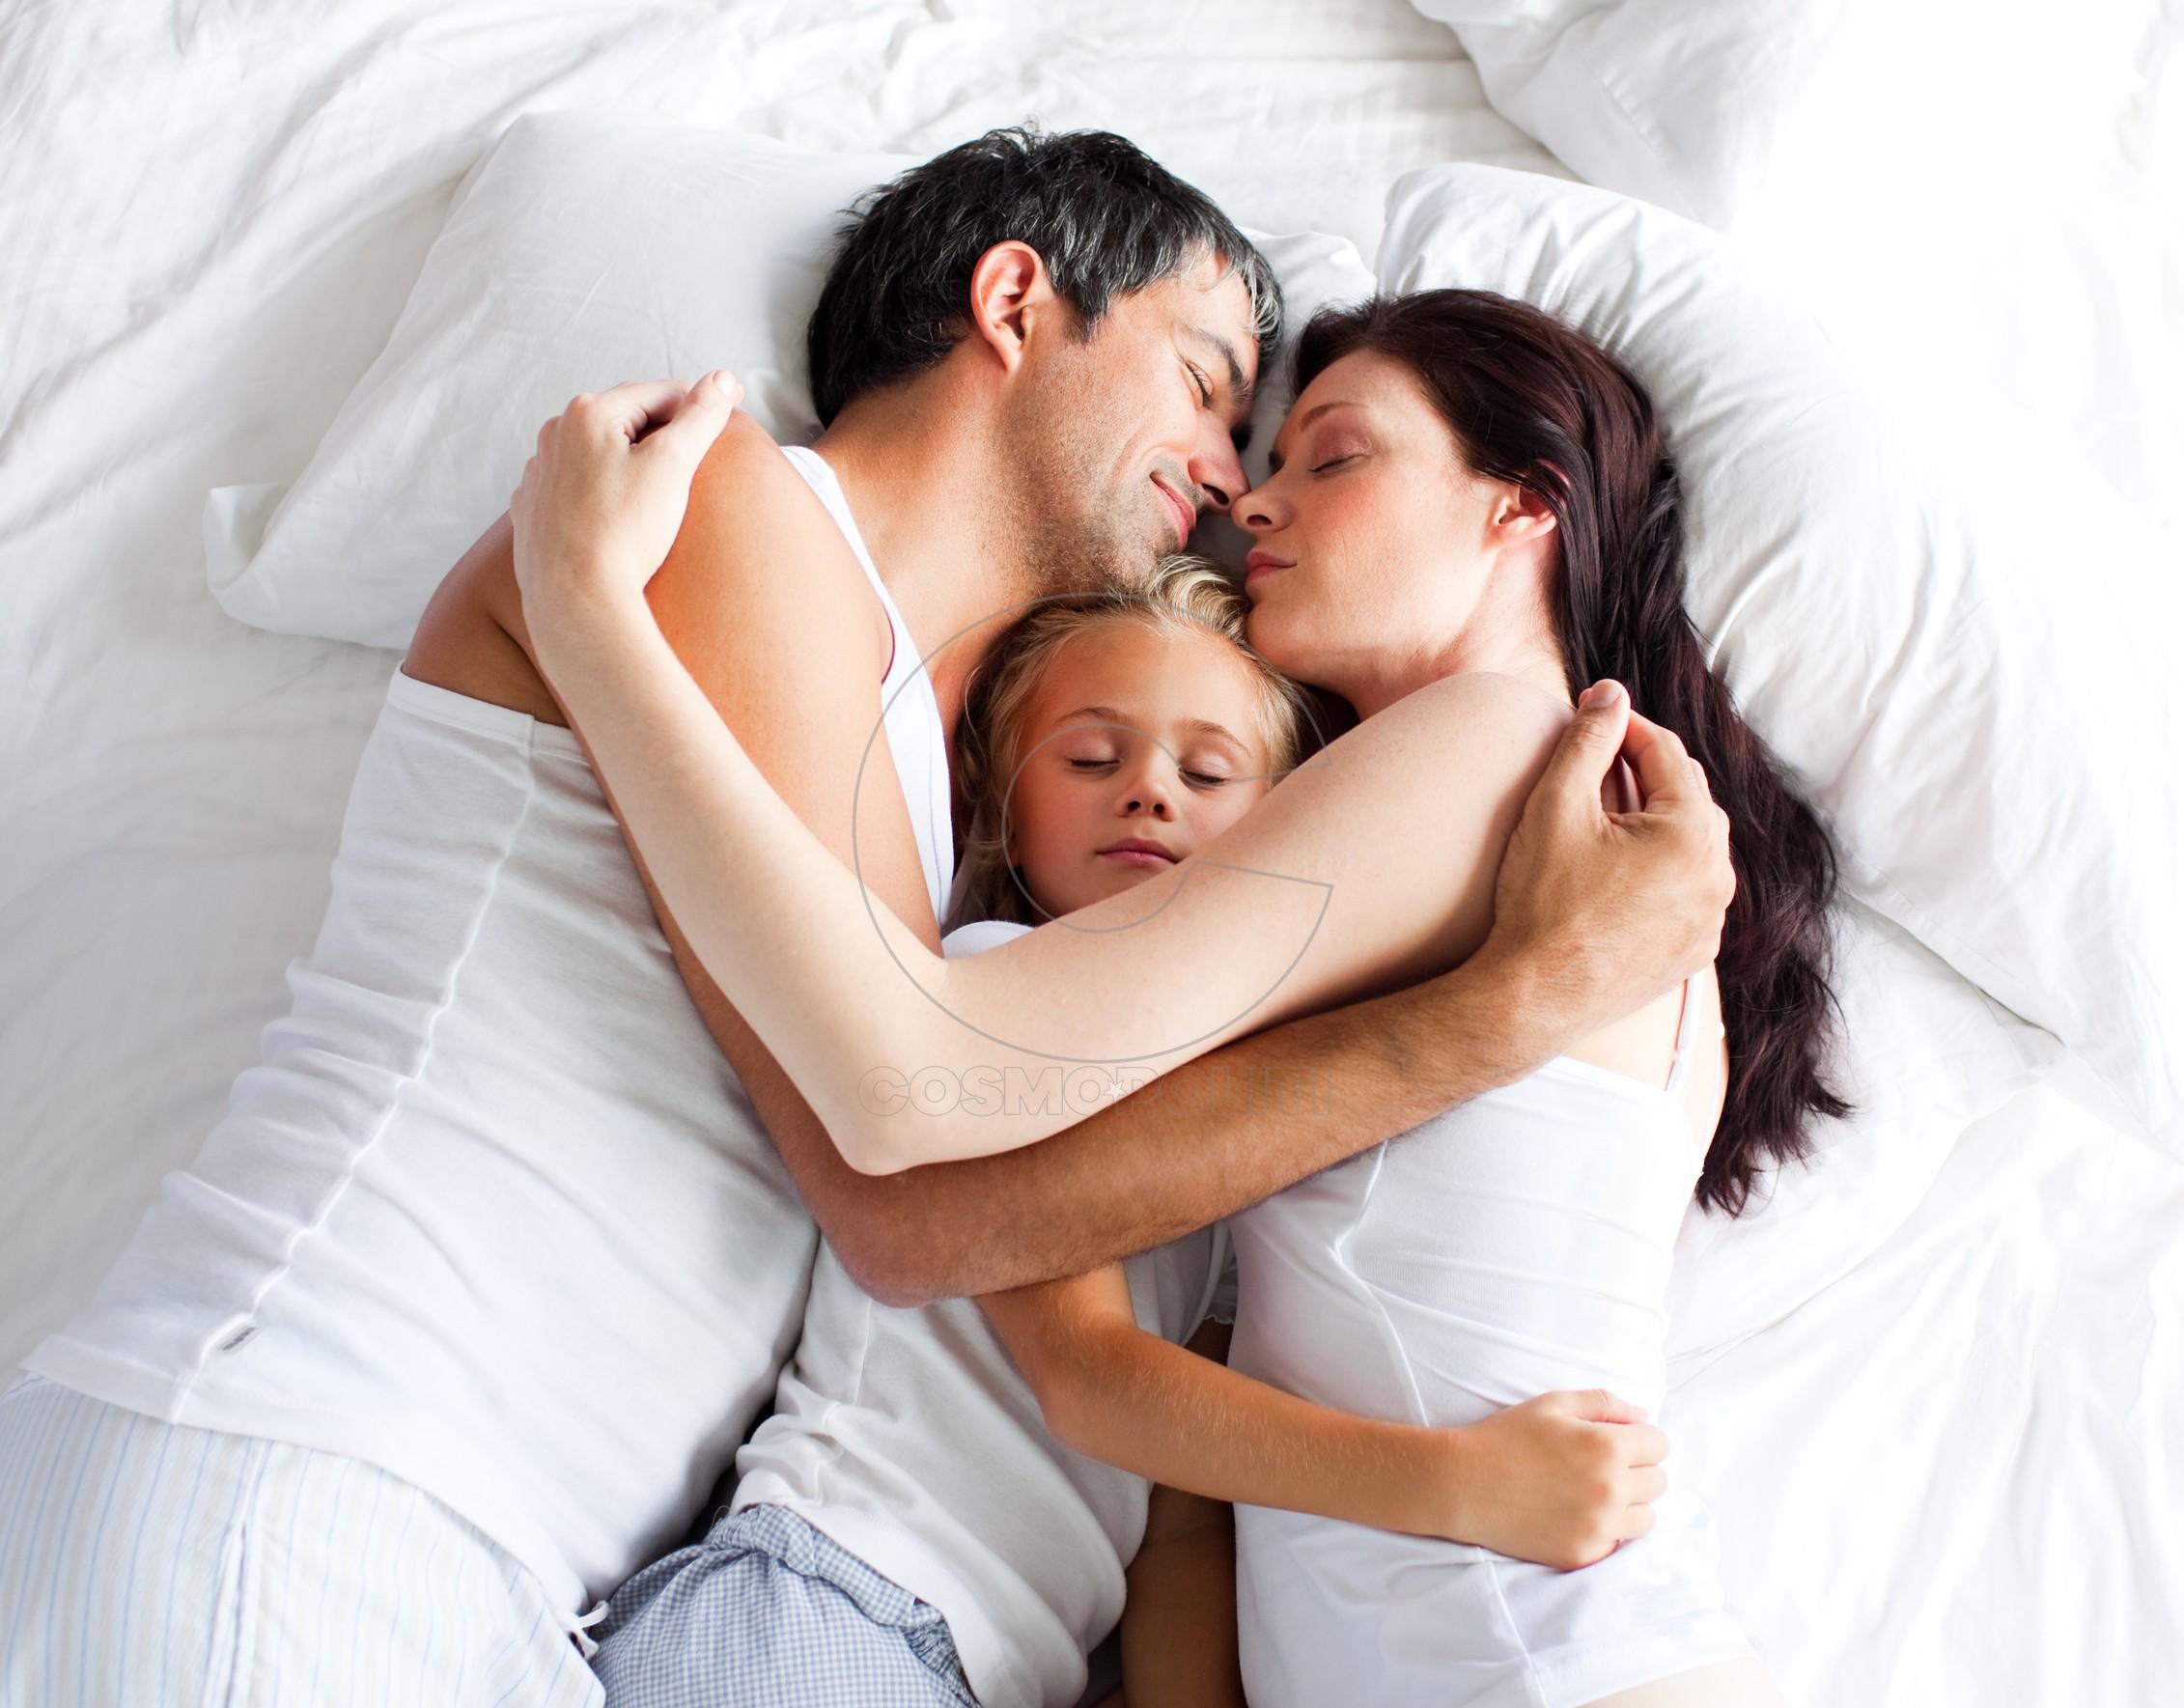 Рассказы секс мама и гости, Мой друг в гостях у мамы - порно рассказ - Случай порно 3 фотография